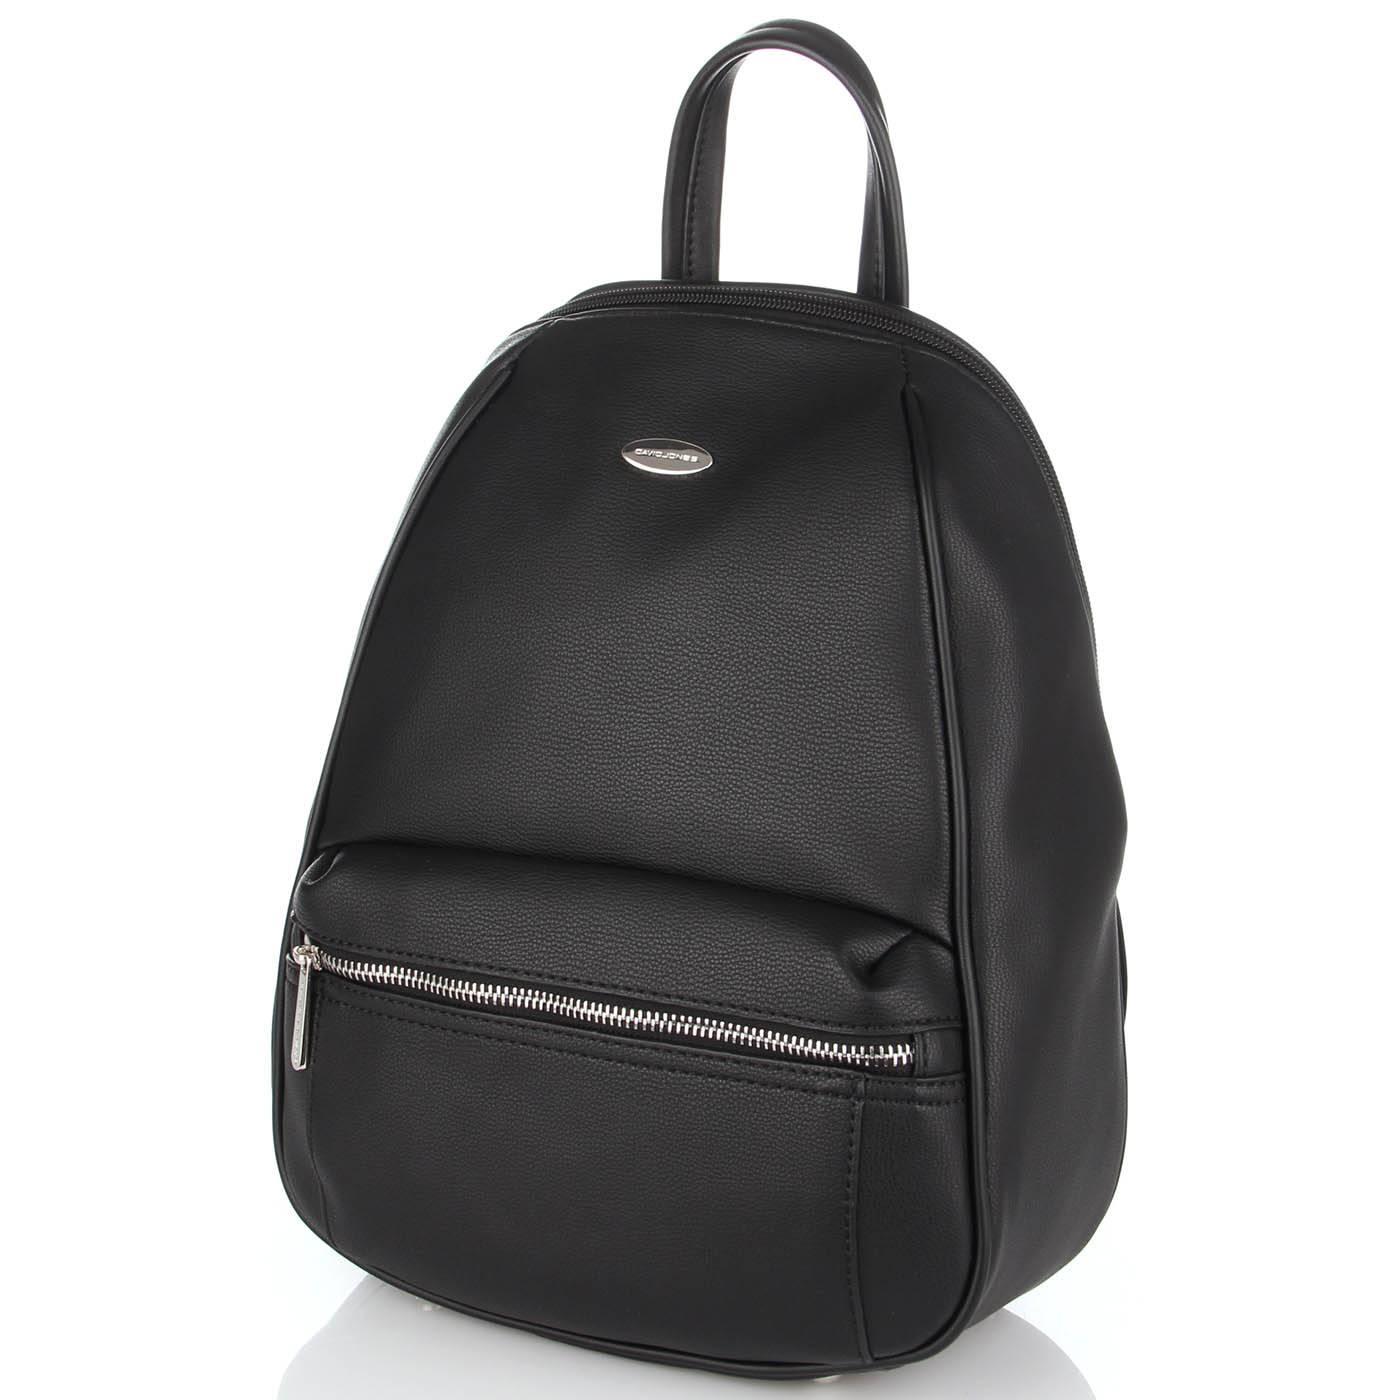 44acecb7a1cb Рюкзак женский David Jones 7330 Черный купить по выгодной цене в ...